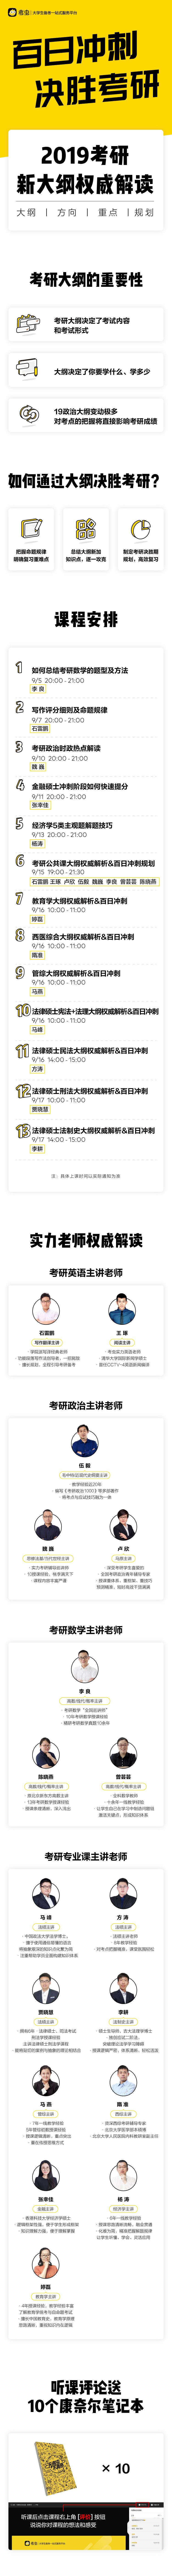 19考研新大纲解析详情图.jpg